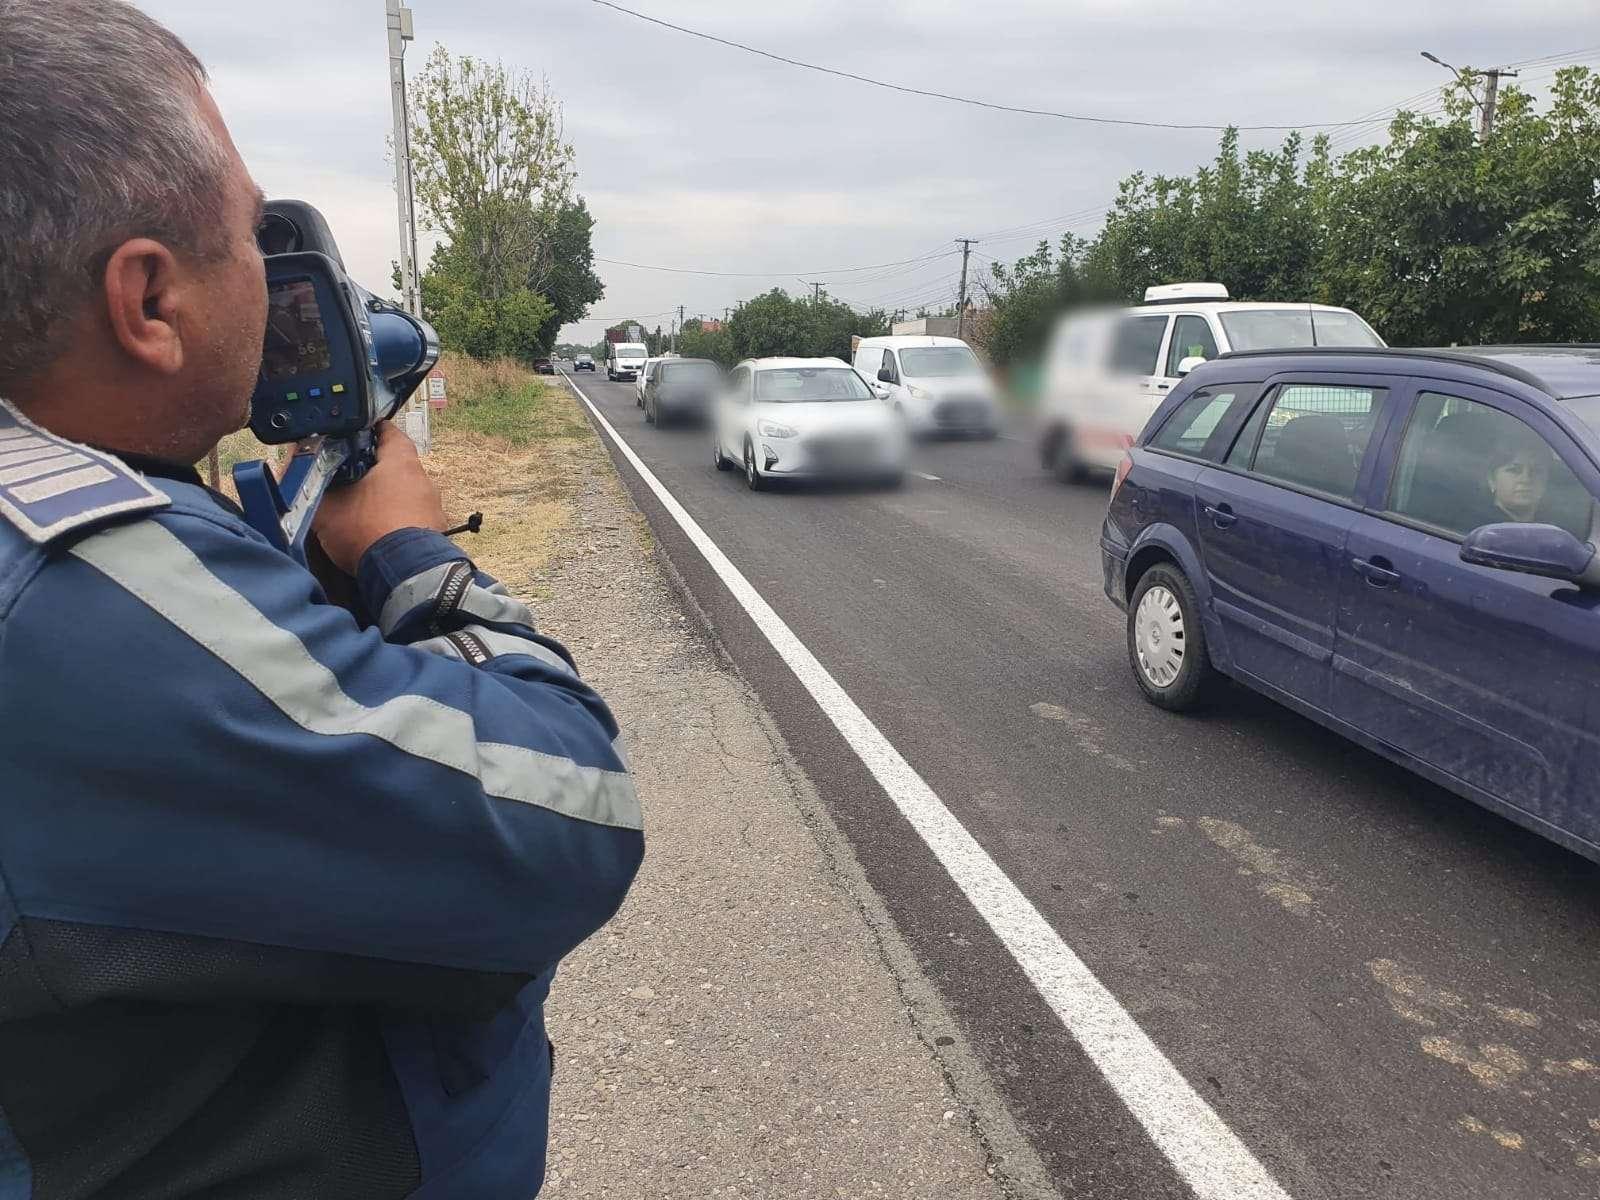 JALE pe Drumul Național 1B! 47 de amenzi aplicate de polițiști în doar 4 ore pentru viteză excesivă